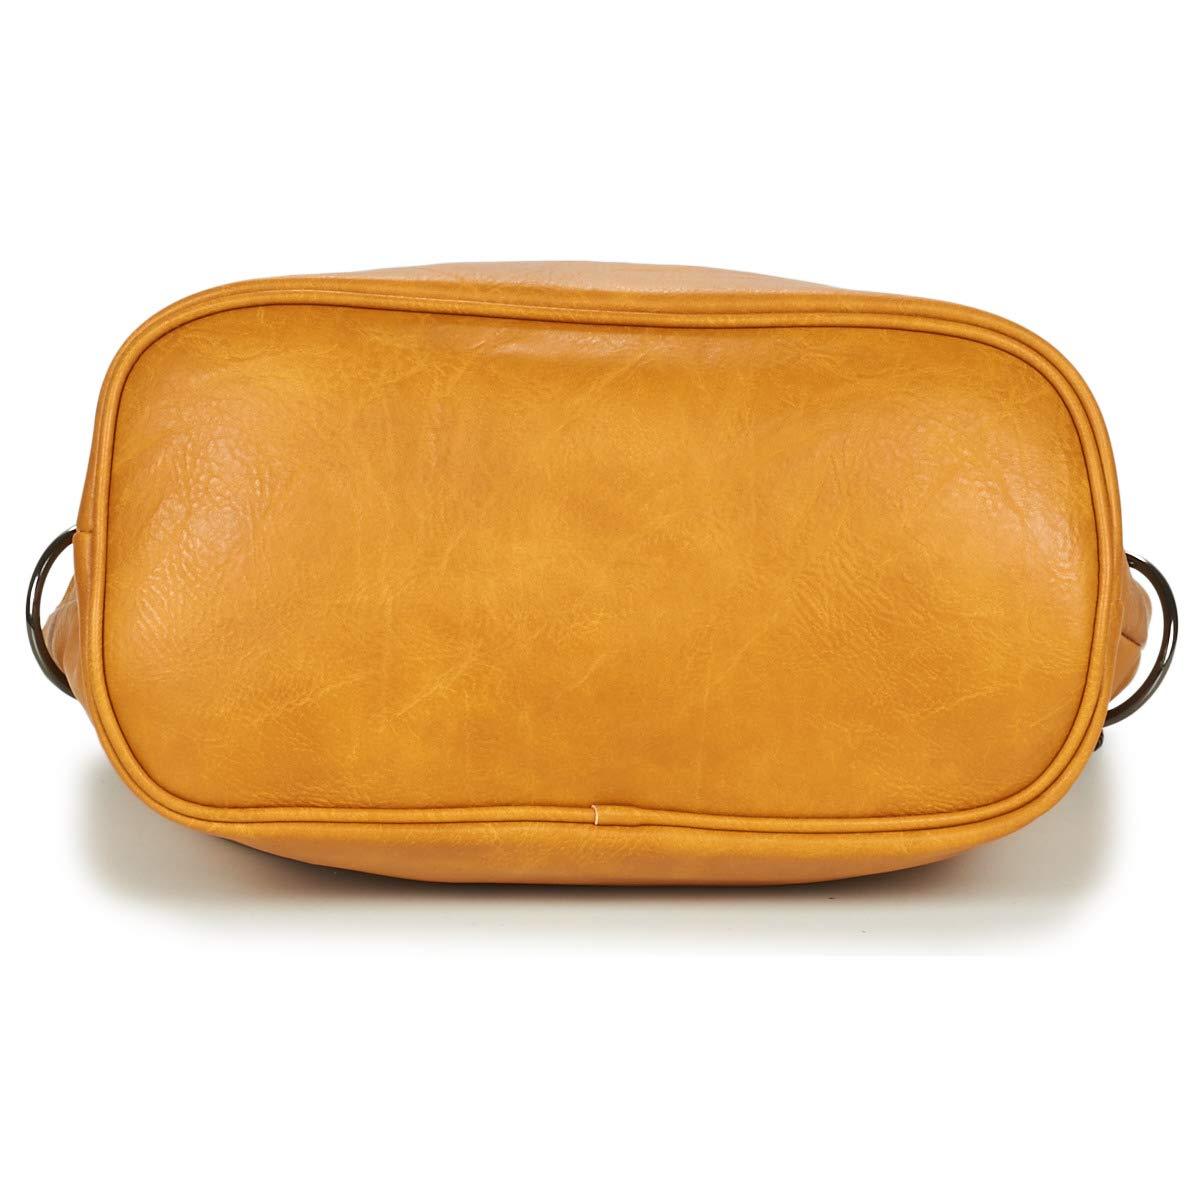 Moony Mood AMOUR Handtaschen damen Gelb Umhängetaschen Umhängetaschen Umhängetaschen B07PNMMV6D Damenhandtaschen Rabatt 8afc2b